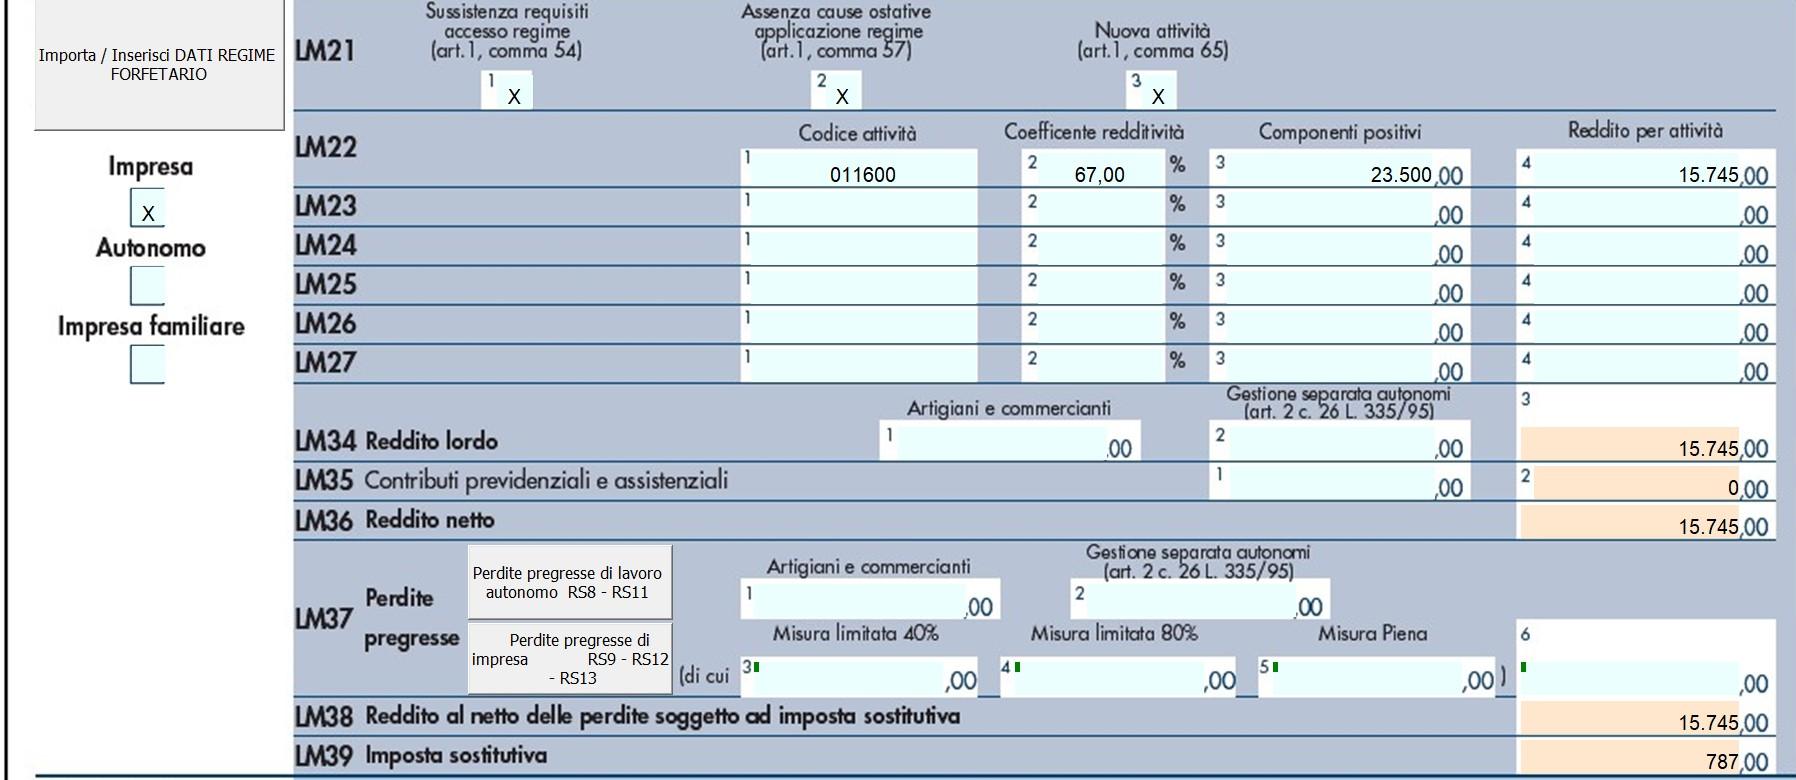 Compilazione Quadro LM 2019: contribuente forfetari - 4